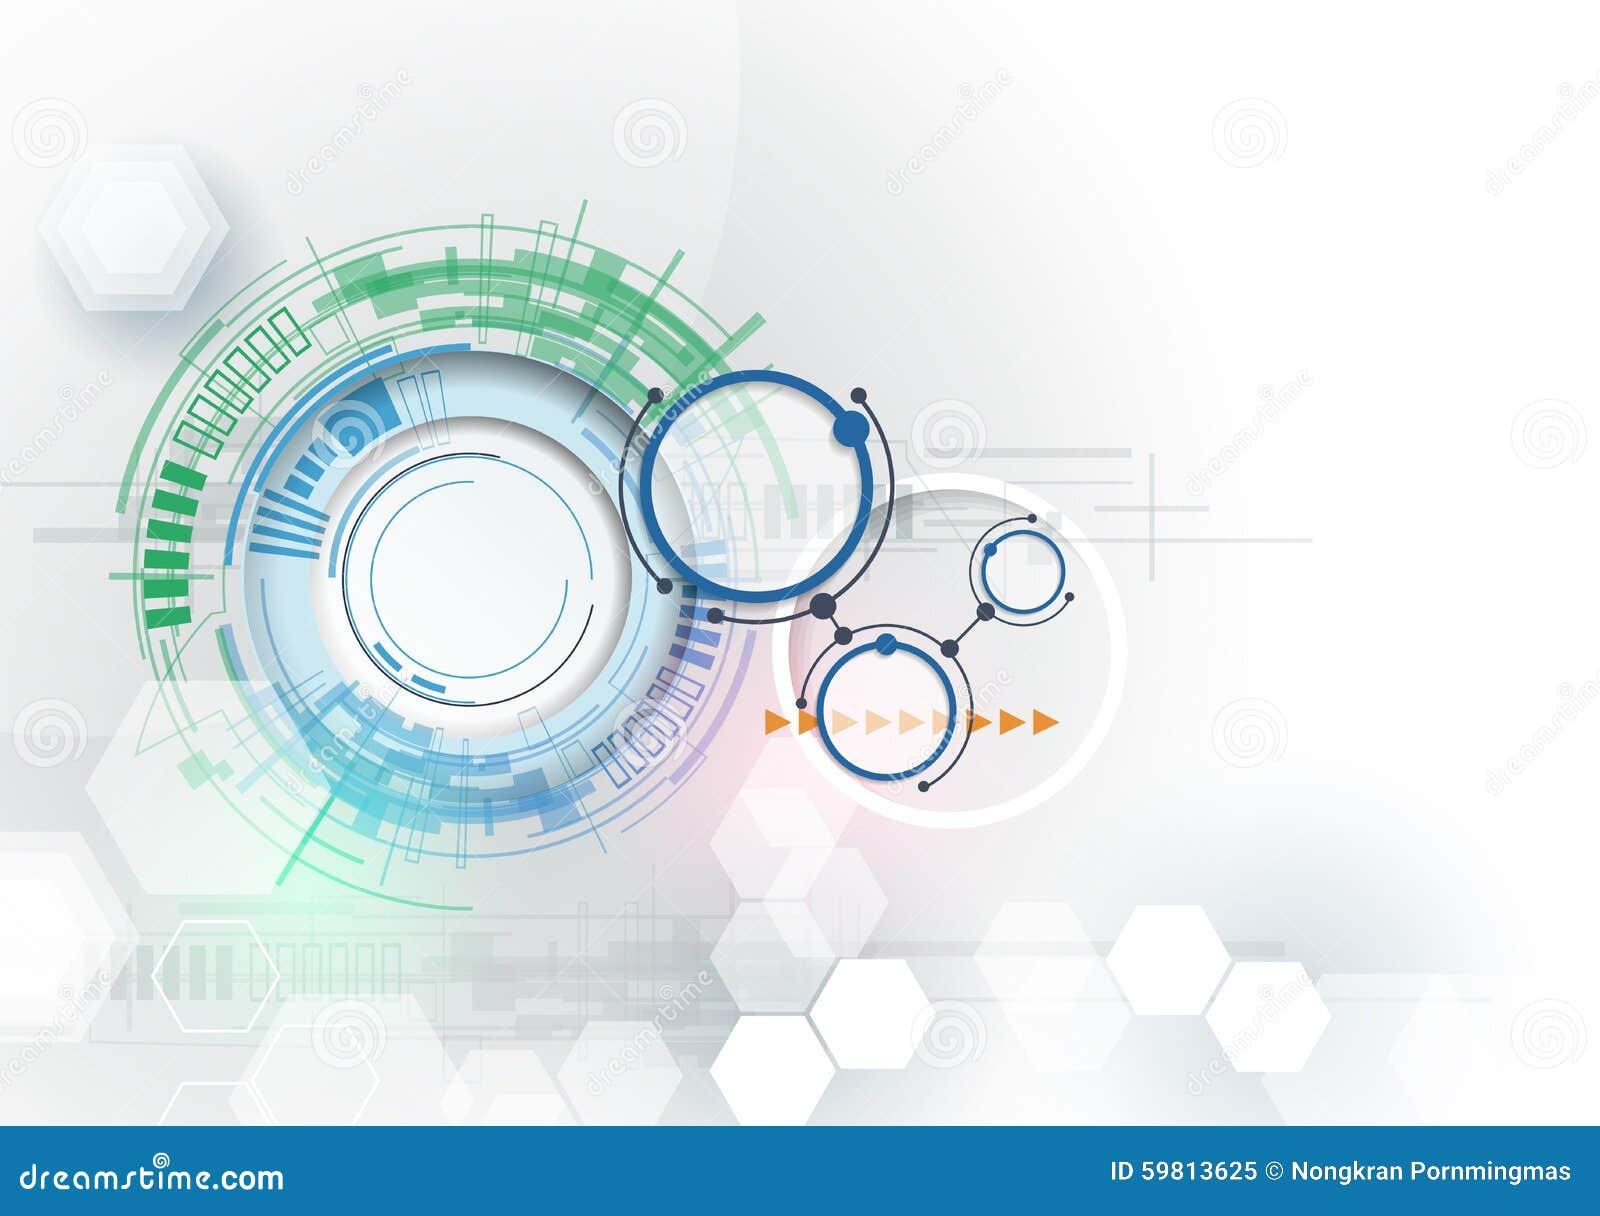 Teknik för digital teknologi för vektorillustration högteknologisk Integrations- och innovationteknologibegrepp